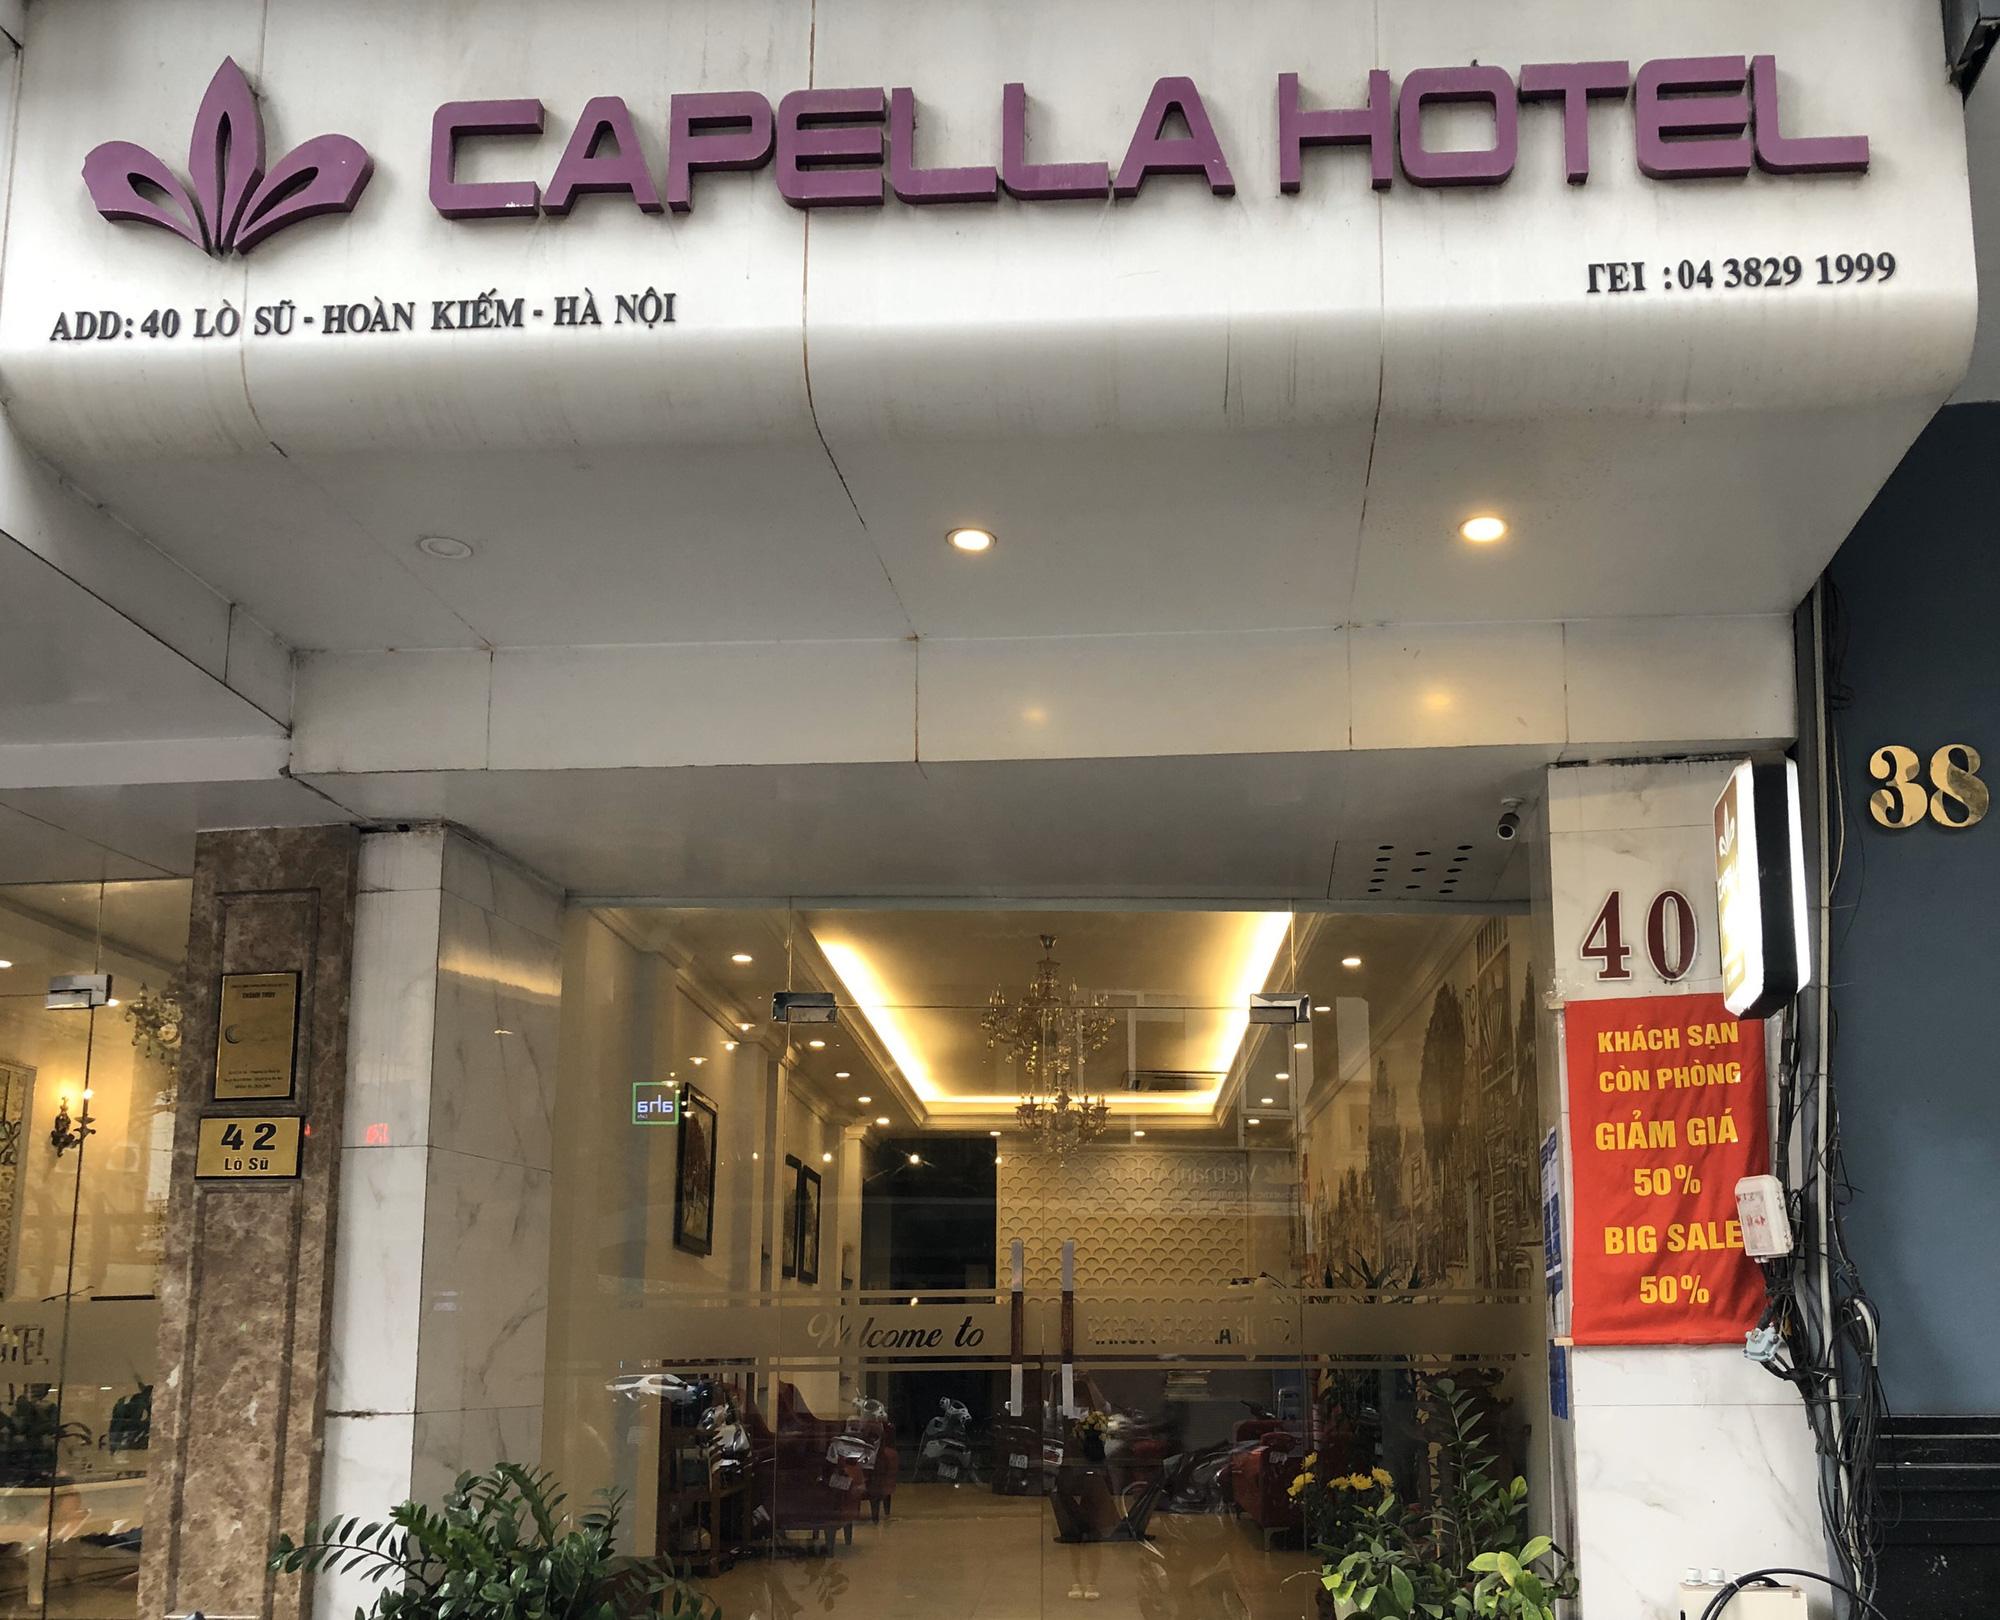 Hàng loạt khách sạn phố cổ Hà Nội đóng cửa, nhiều nơi giảm giá đến 60% để hút khách giữa mùa dịch virus corona - Ảnh 10.